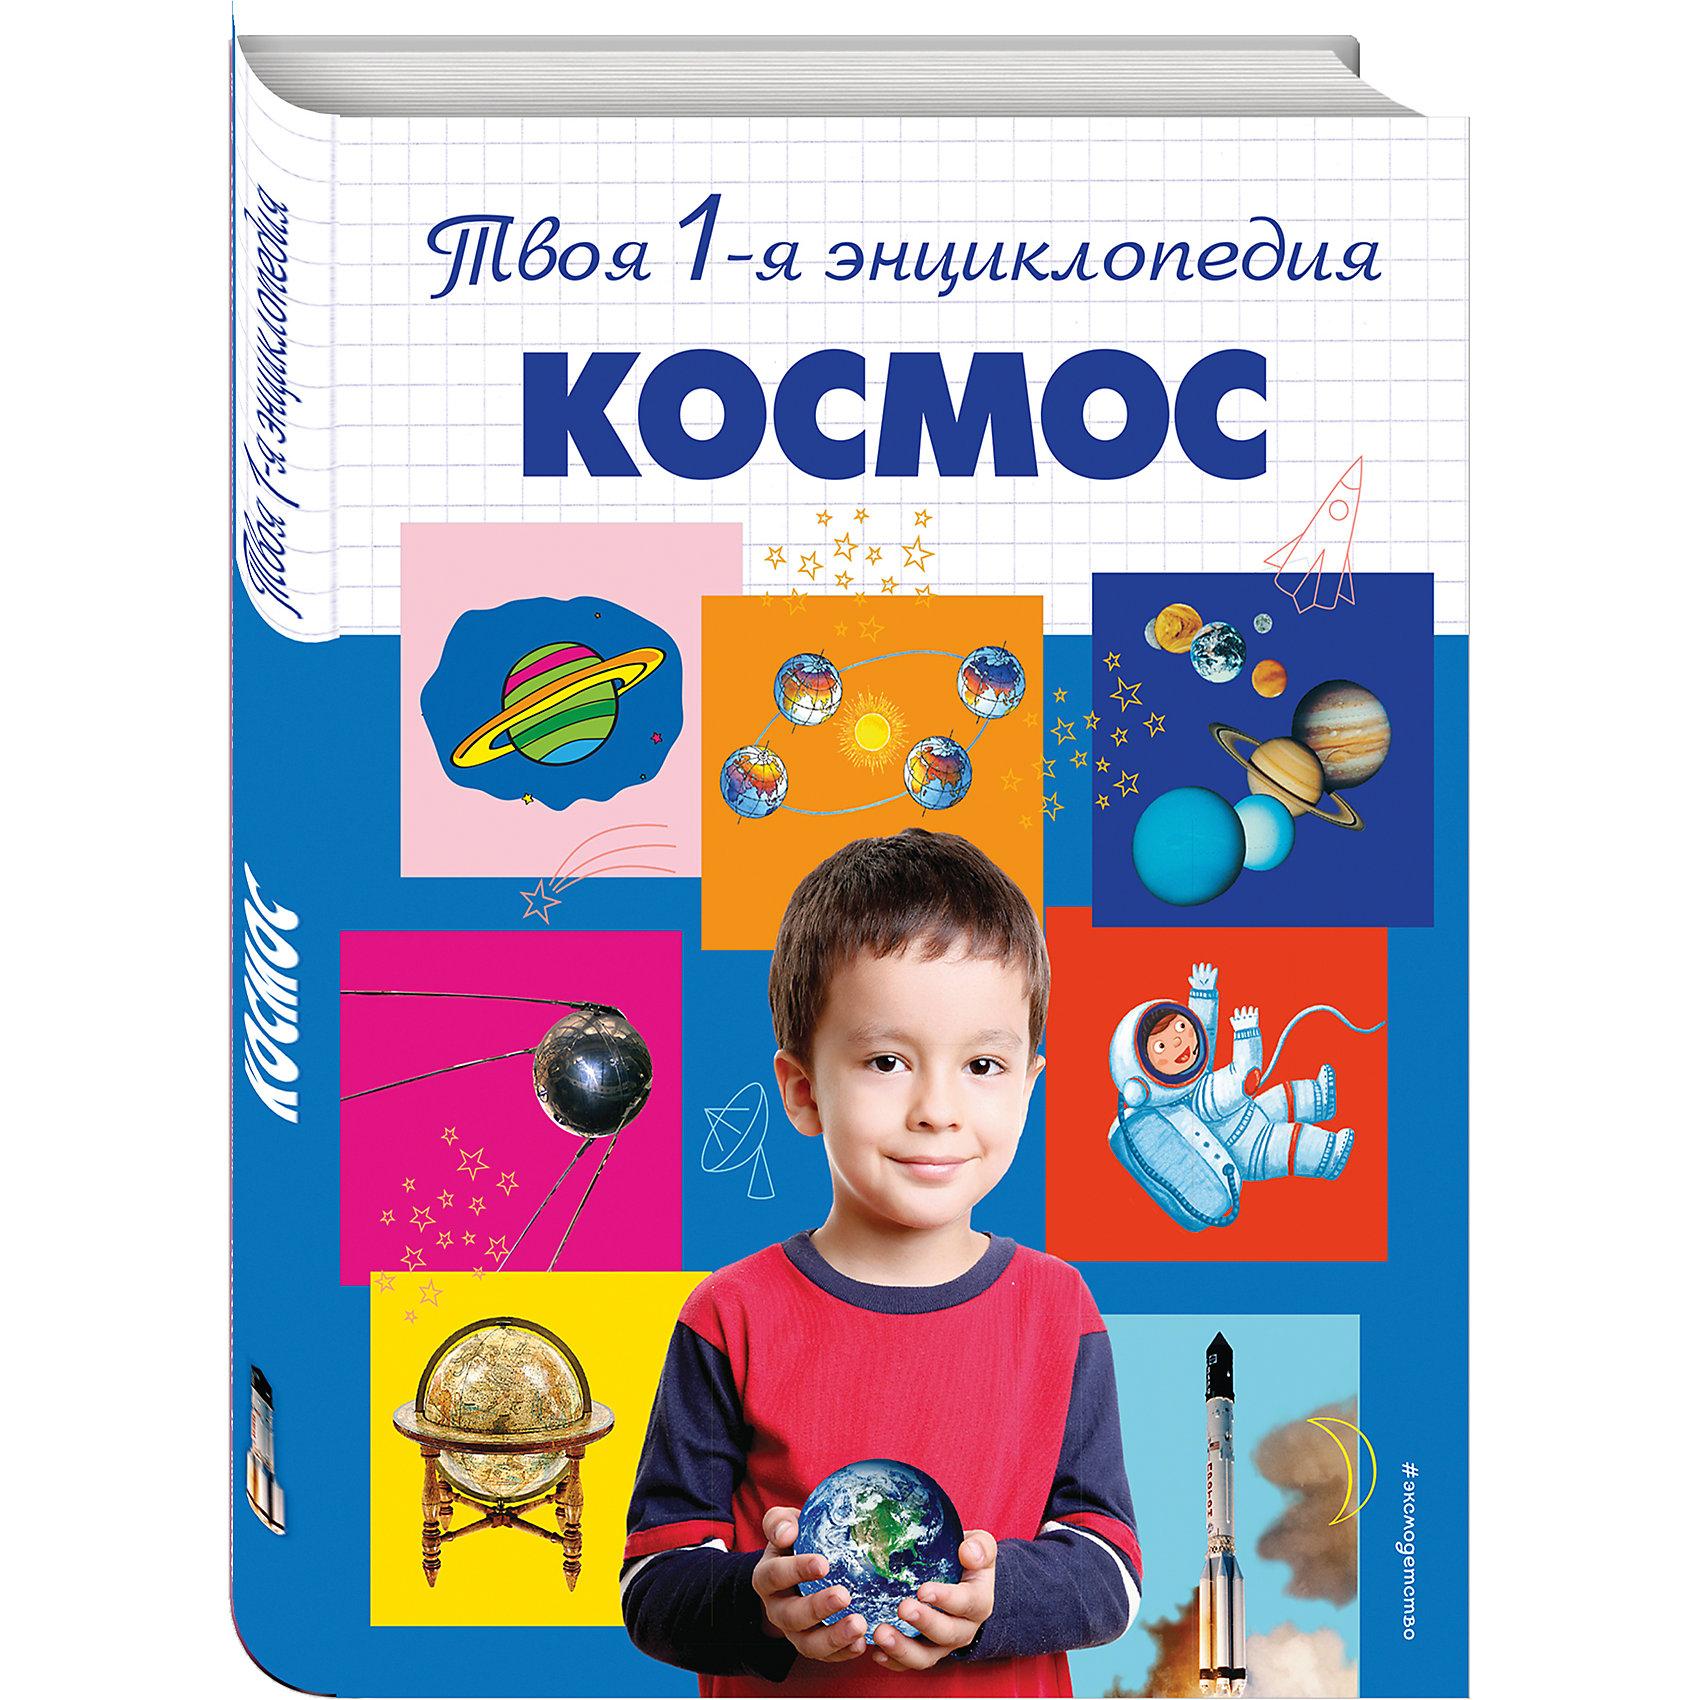 КосмосЭнциклопедии про космос<br>Эта прекрасно оформленная книга поможет маленькому читателю узнать, что такое Вселенная, сколько планет в нашей Солнечной системе, почему у комет появляется светящийся хвост, когда человек впервые покорил космос. Увлекательное и серьёзное издание для каждого ребёнка. Отличная помощь в его развитии.<br><br>Ширина мм: 280<br>Глубина мм: 220<br>Высота мм: 10<br>Вес г: 440<br>Возраст от месяцев: 72<br>Возраст до месяцев: 144<br>Пол: Унисекс<br>Возраст: Детский<br>SKU: 6877915